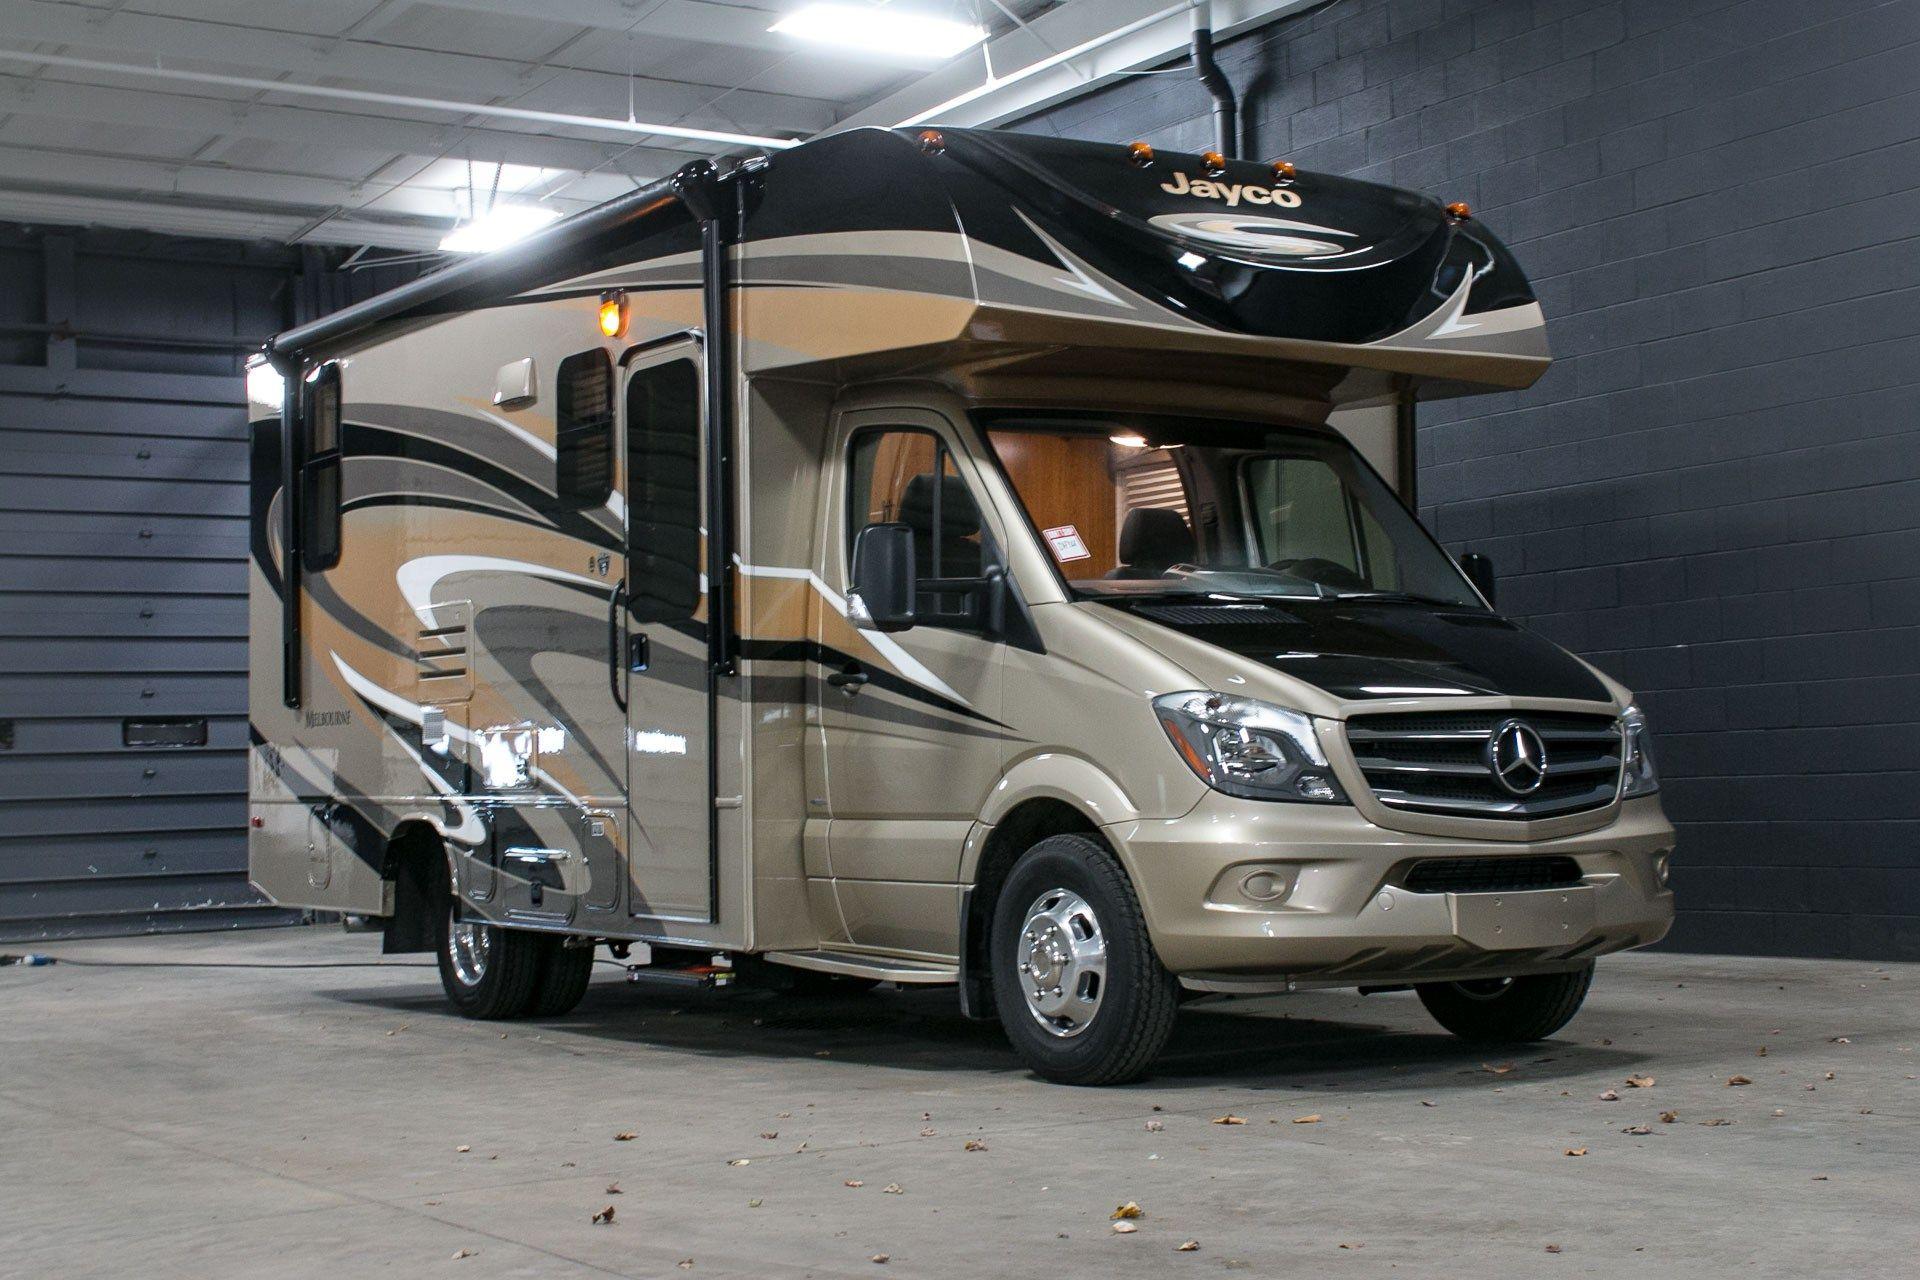 32+ Sprinter rv for sale high quality